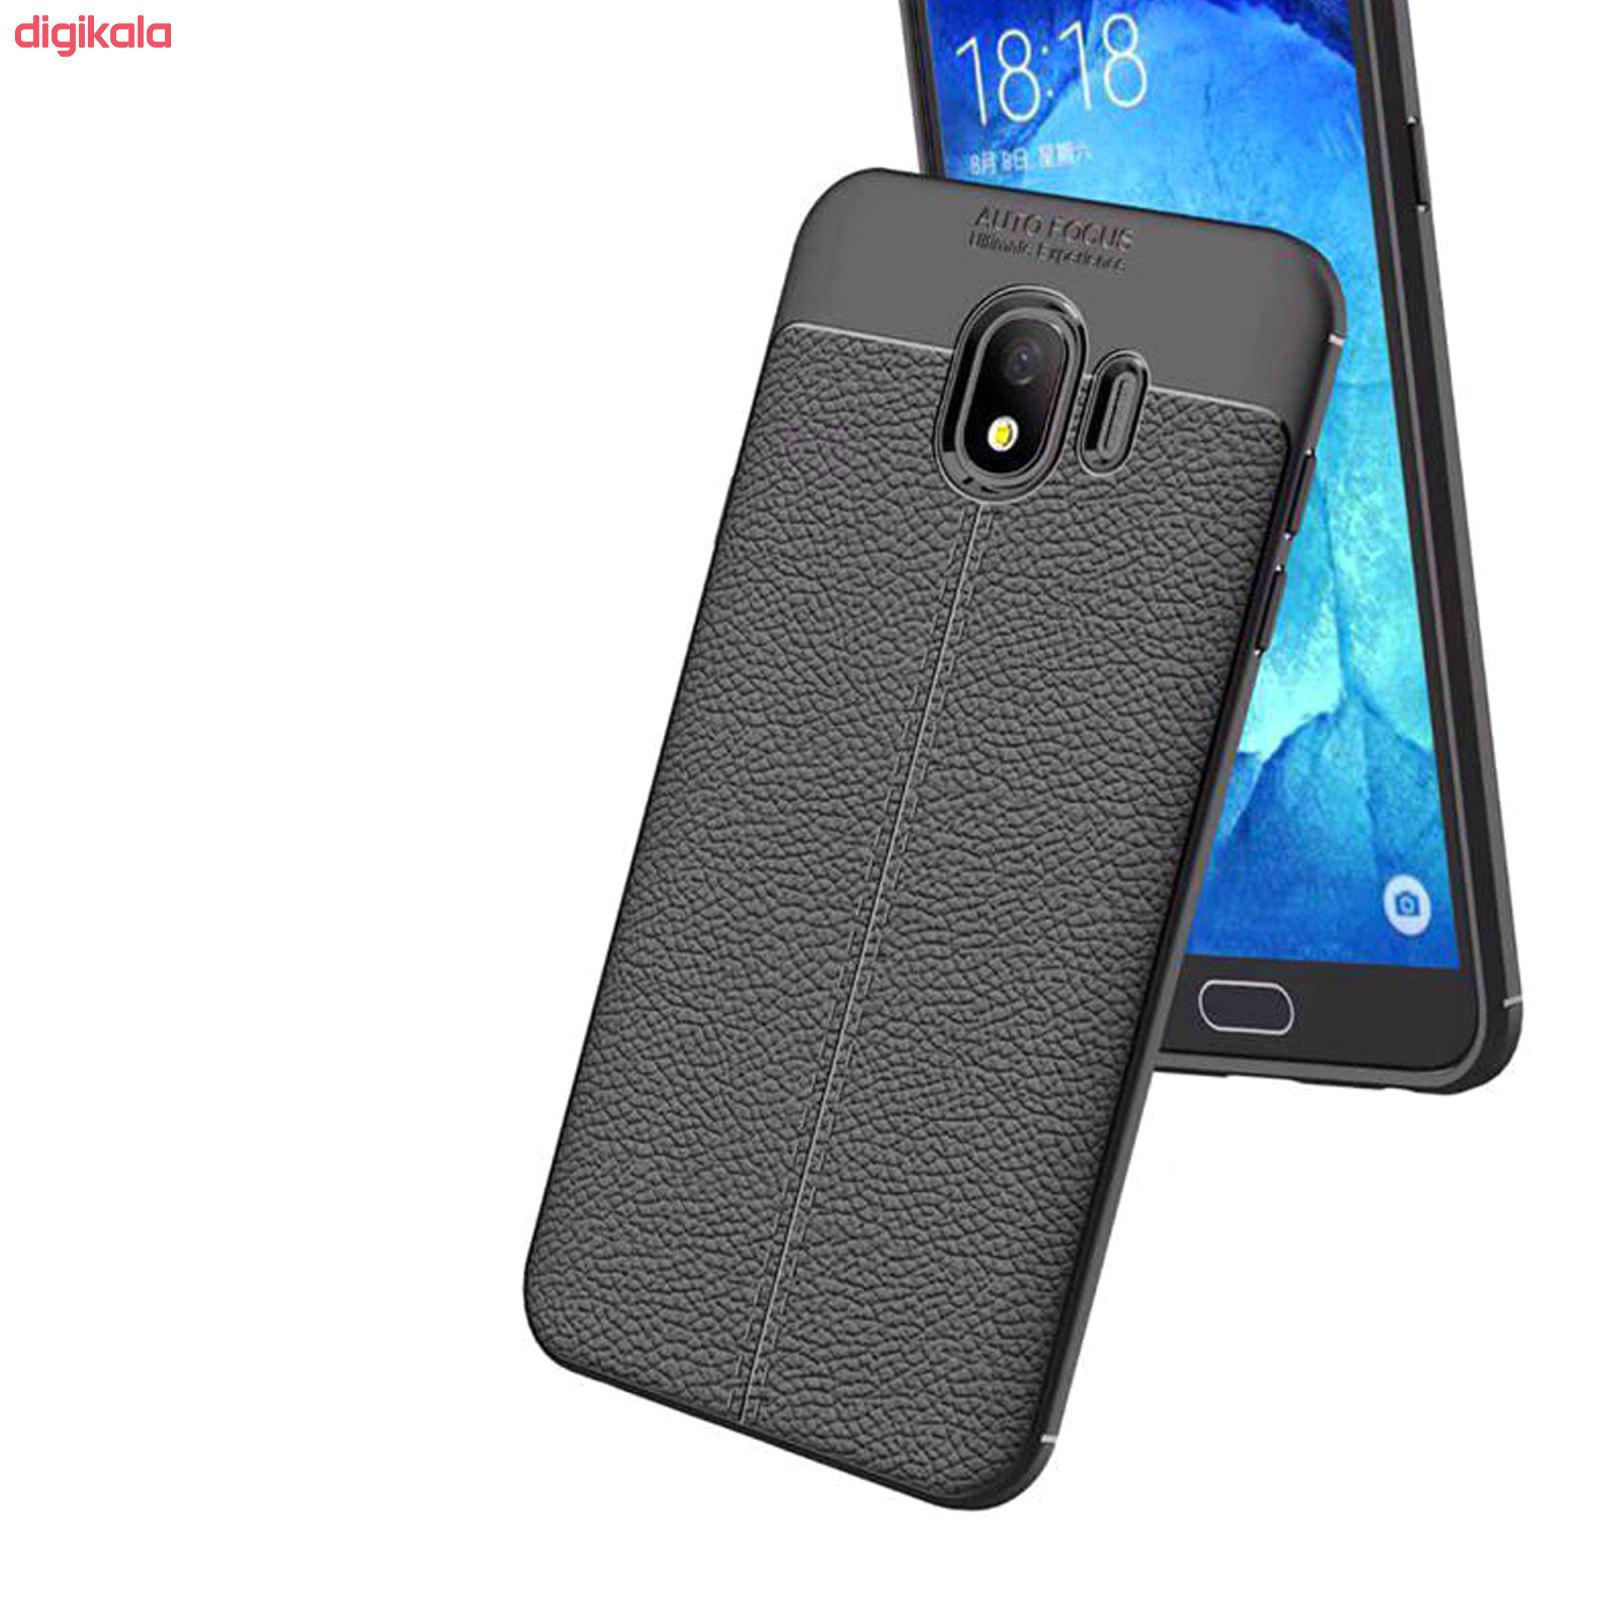 کاور فکرو مدل RX01 مناسب برای گوشی موبایل سامسونگ Galaxy j4 2018 main 1 4